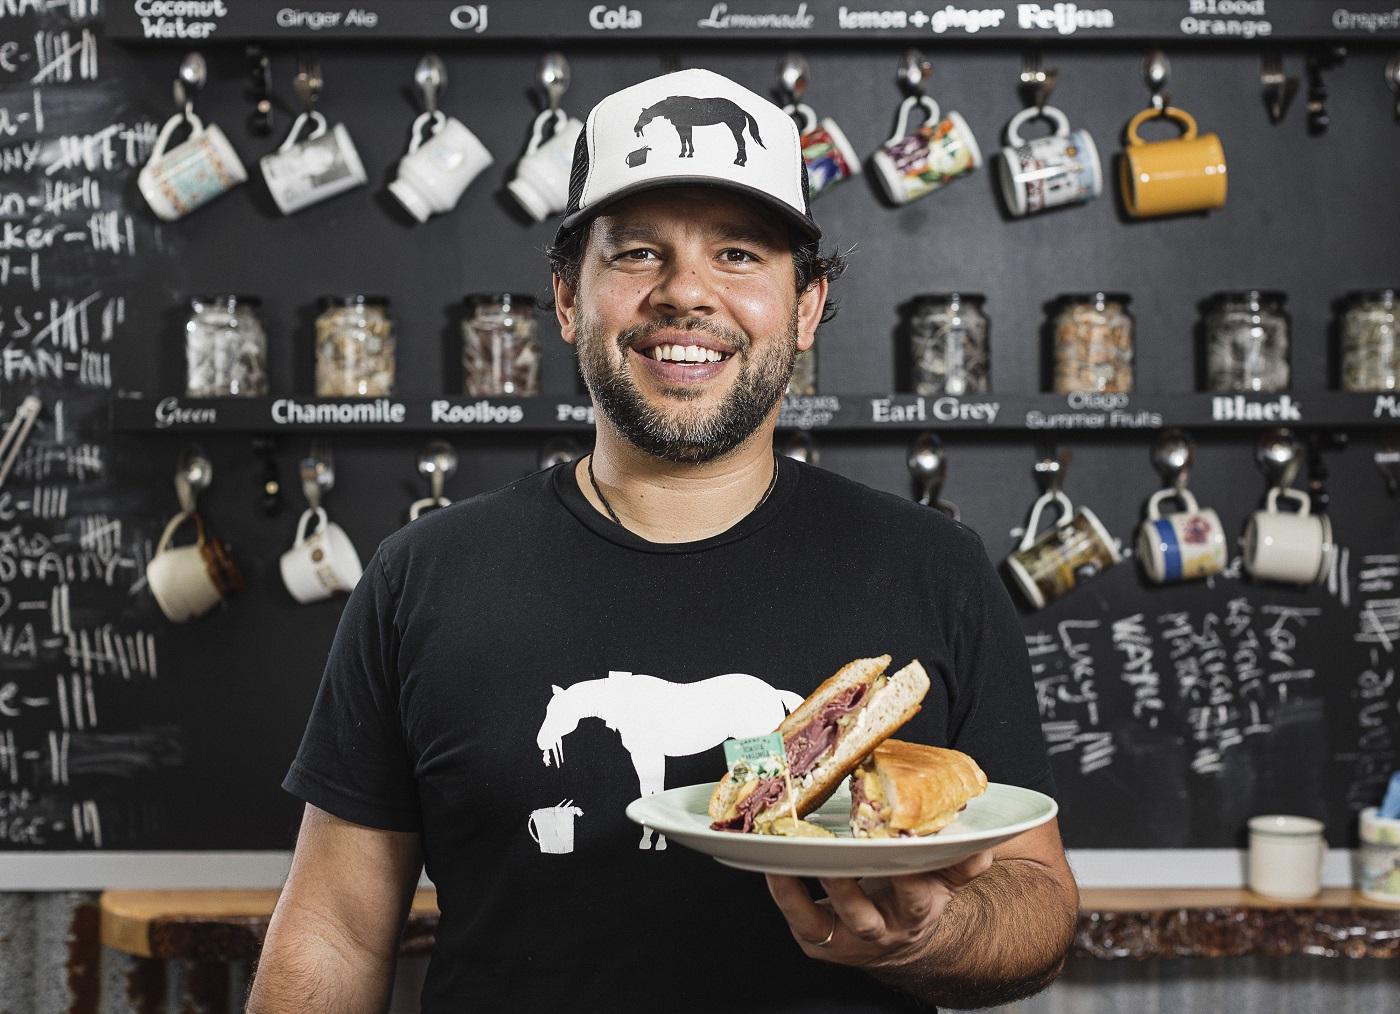 Hokitika Eatery Crowned Great New Zealand Toastie Takeover Winner Fresh Последние твиты от water sandwich (@sandwich_water). hokitika eatery crowned great new zealand toastie takeover winner fresh